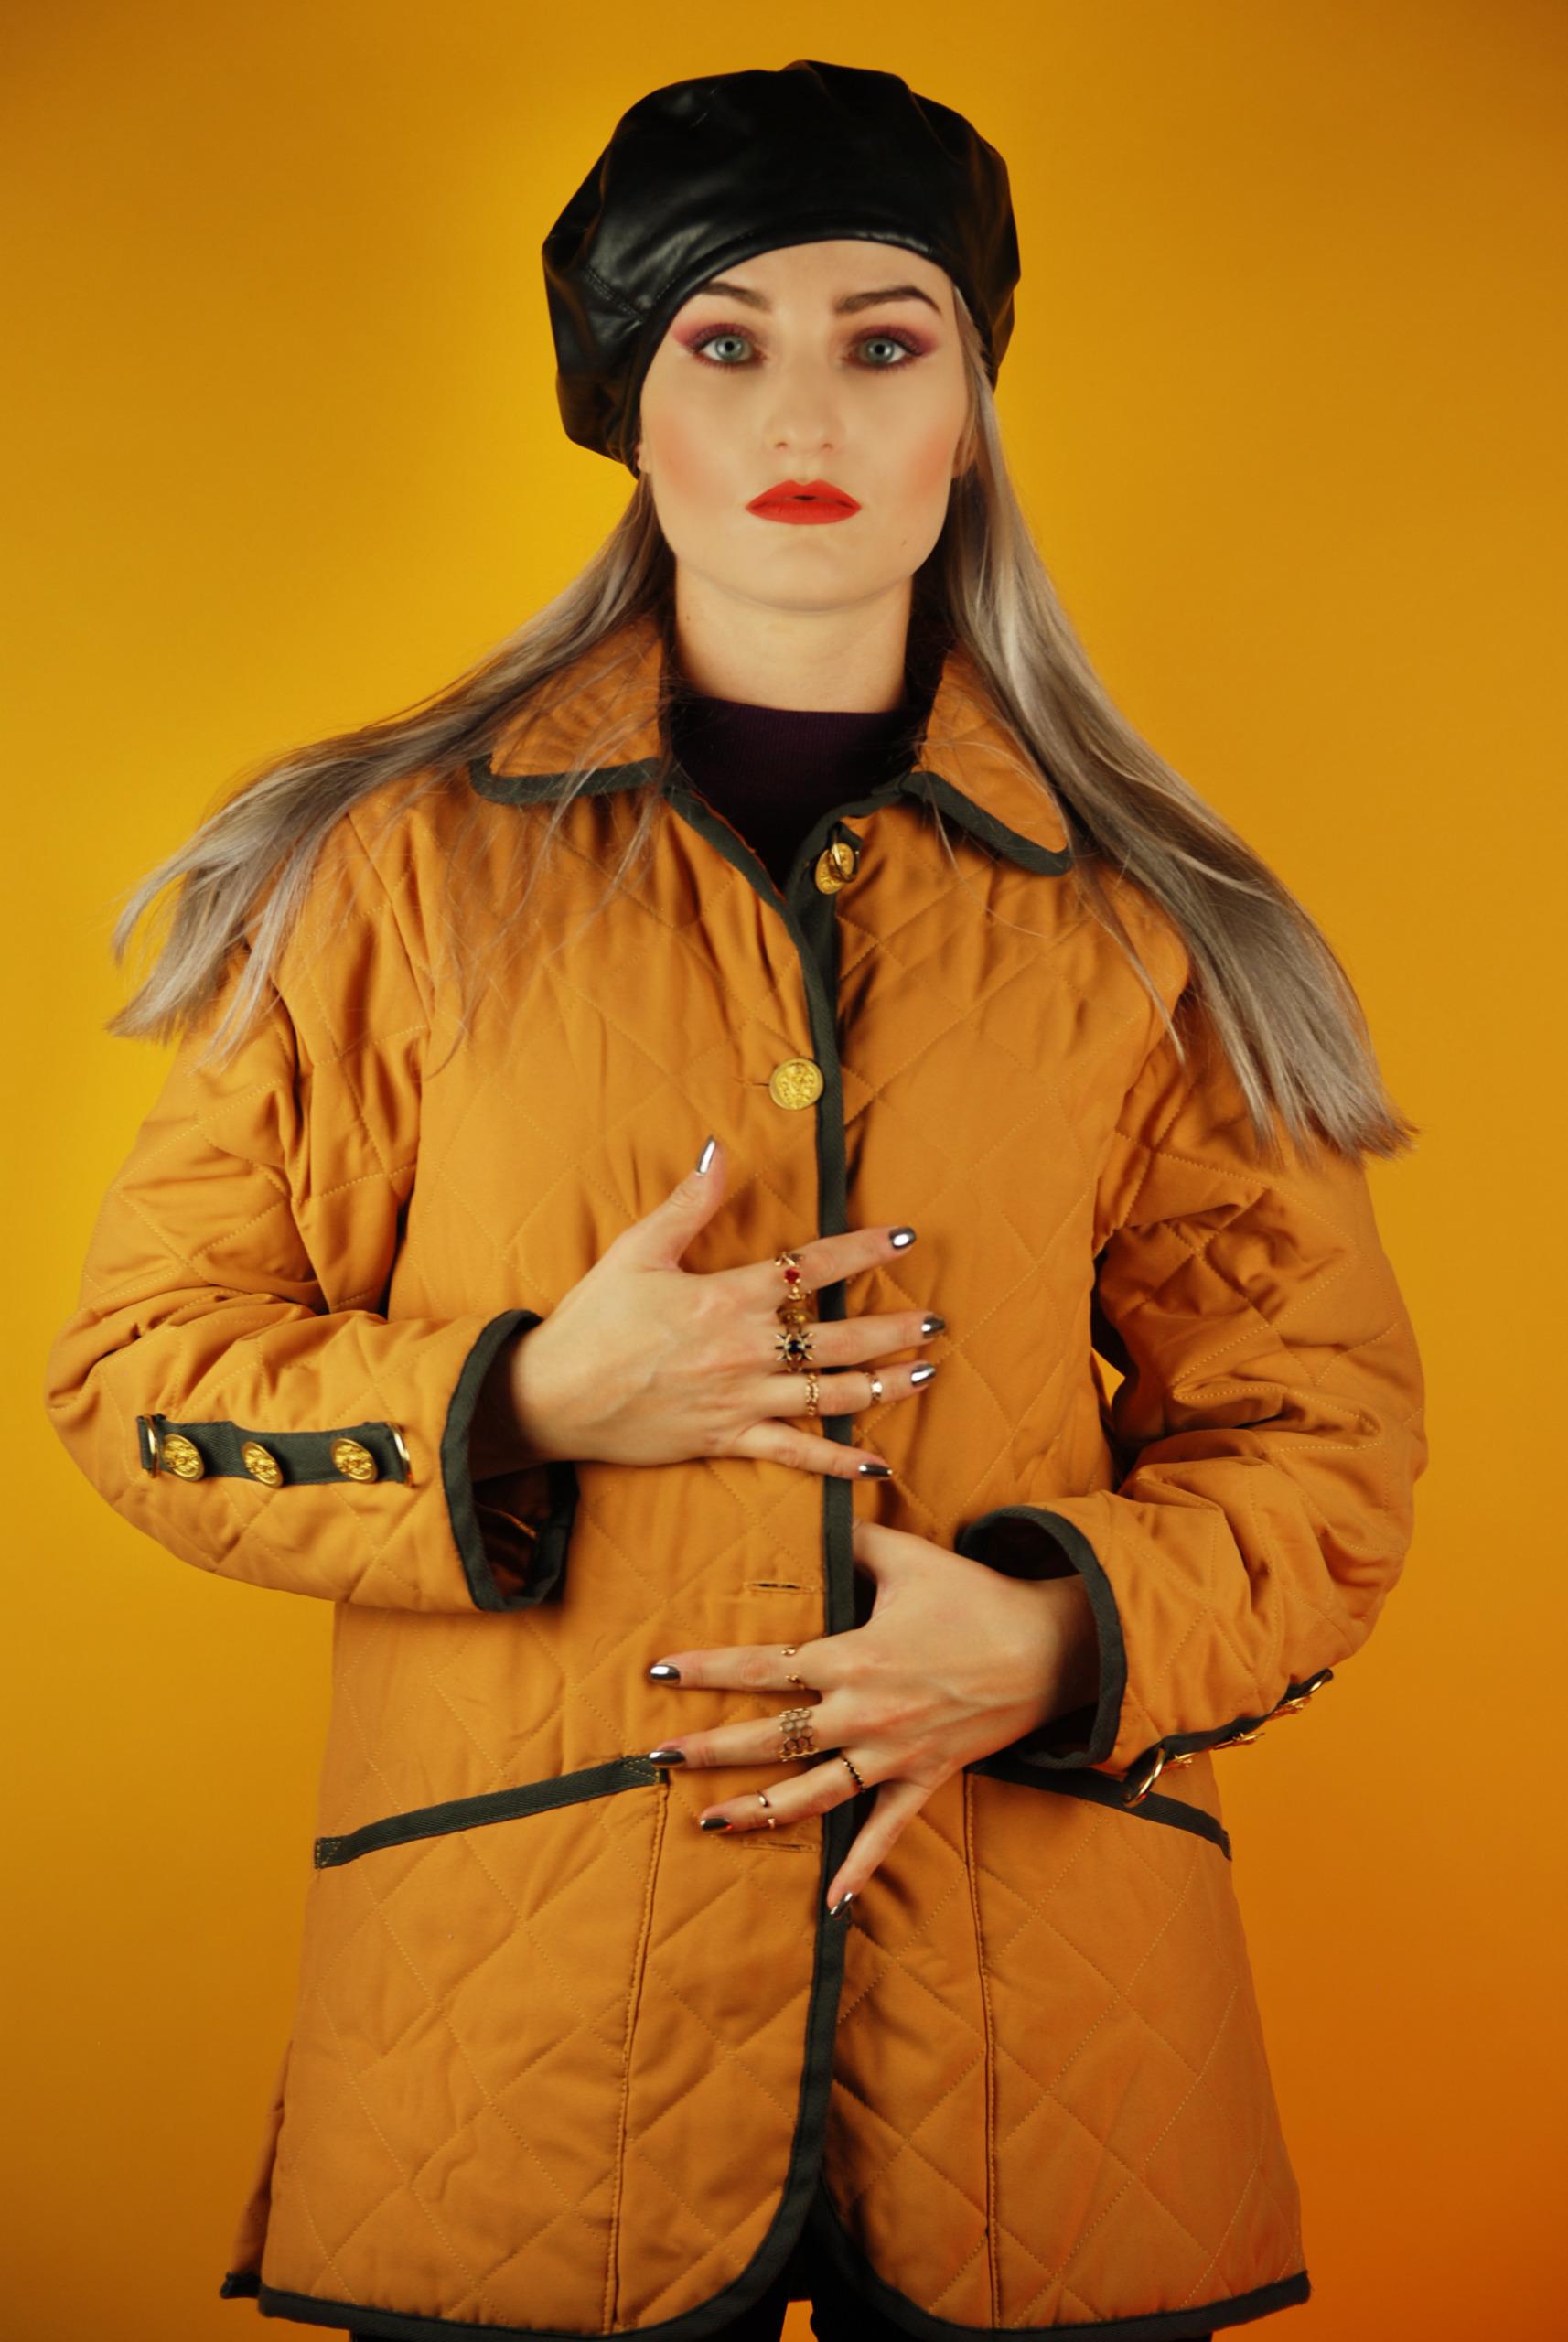 Zdjęcie przedstawia młodą kobietę ubraną w żółtą pikowaną kurtkę, kobieta ma czarny beret na głowie, pomarańczowe usta, całość na żółtym tle.